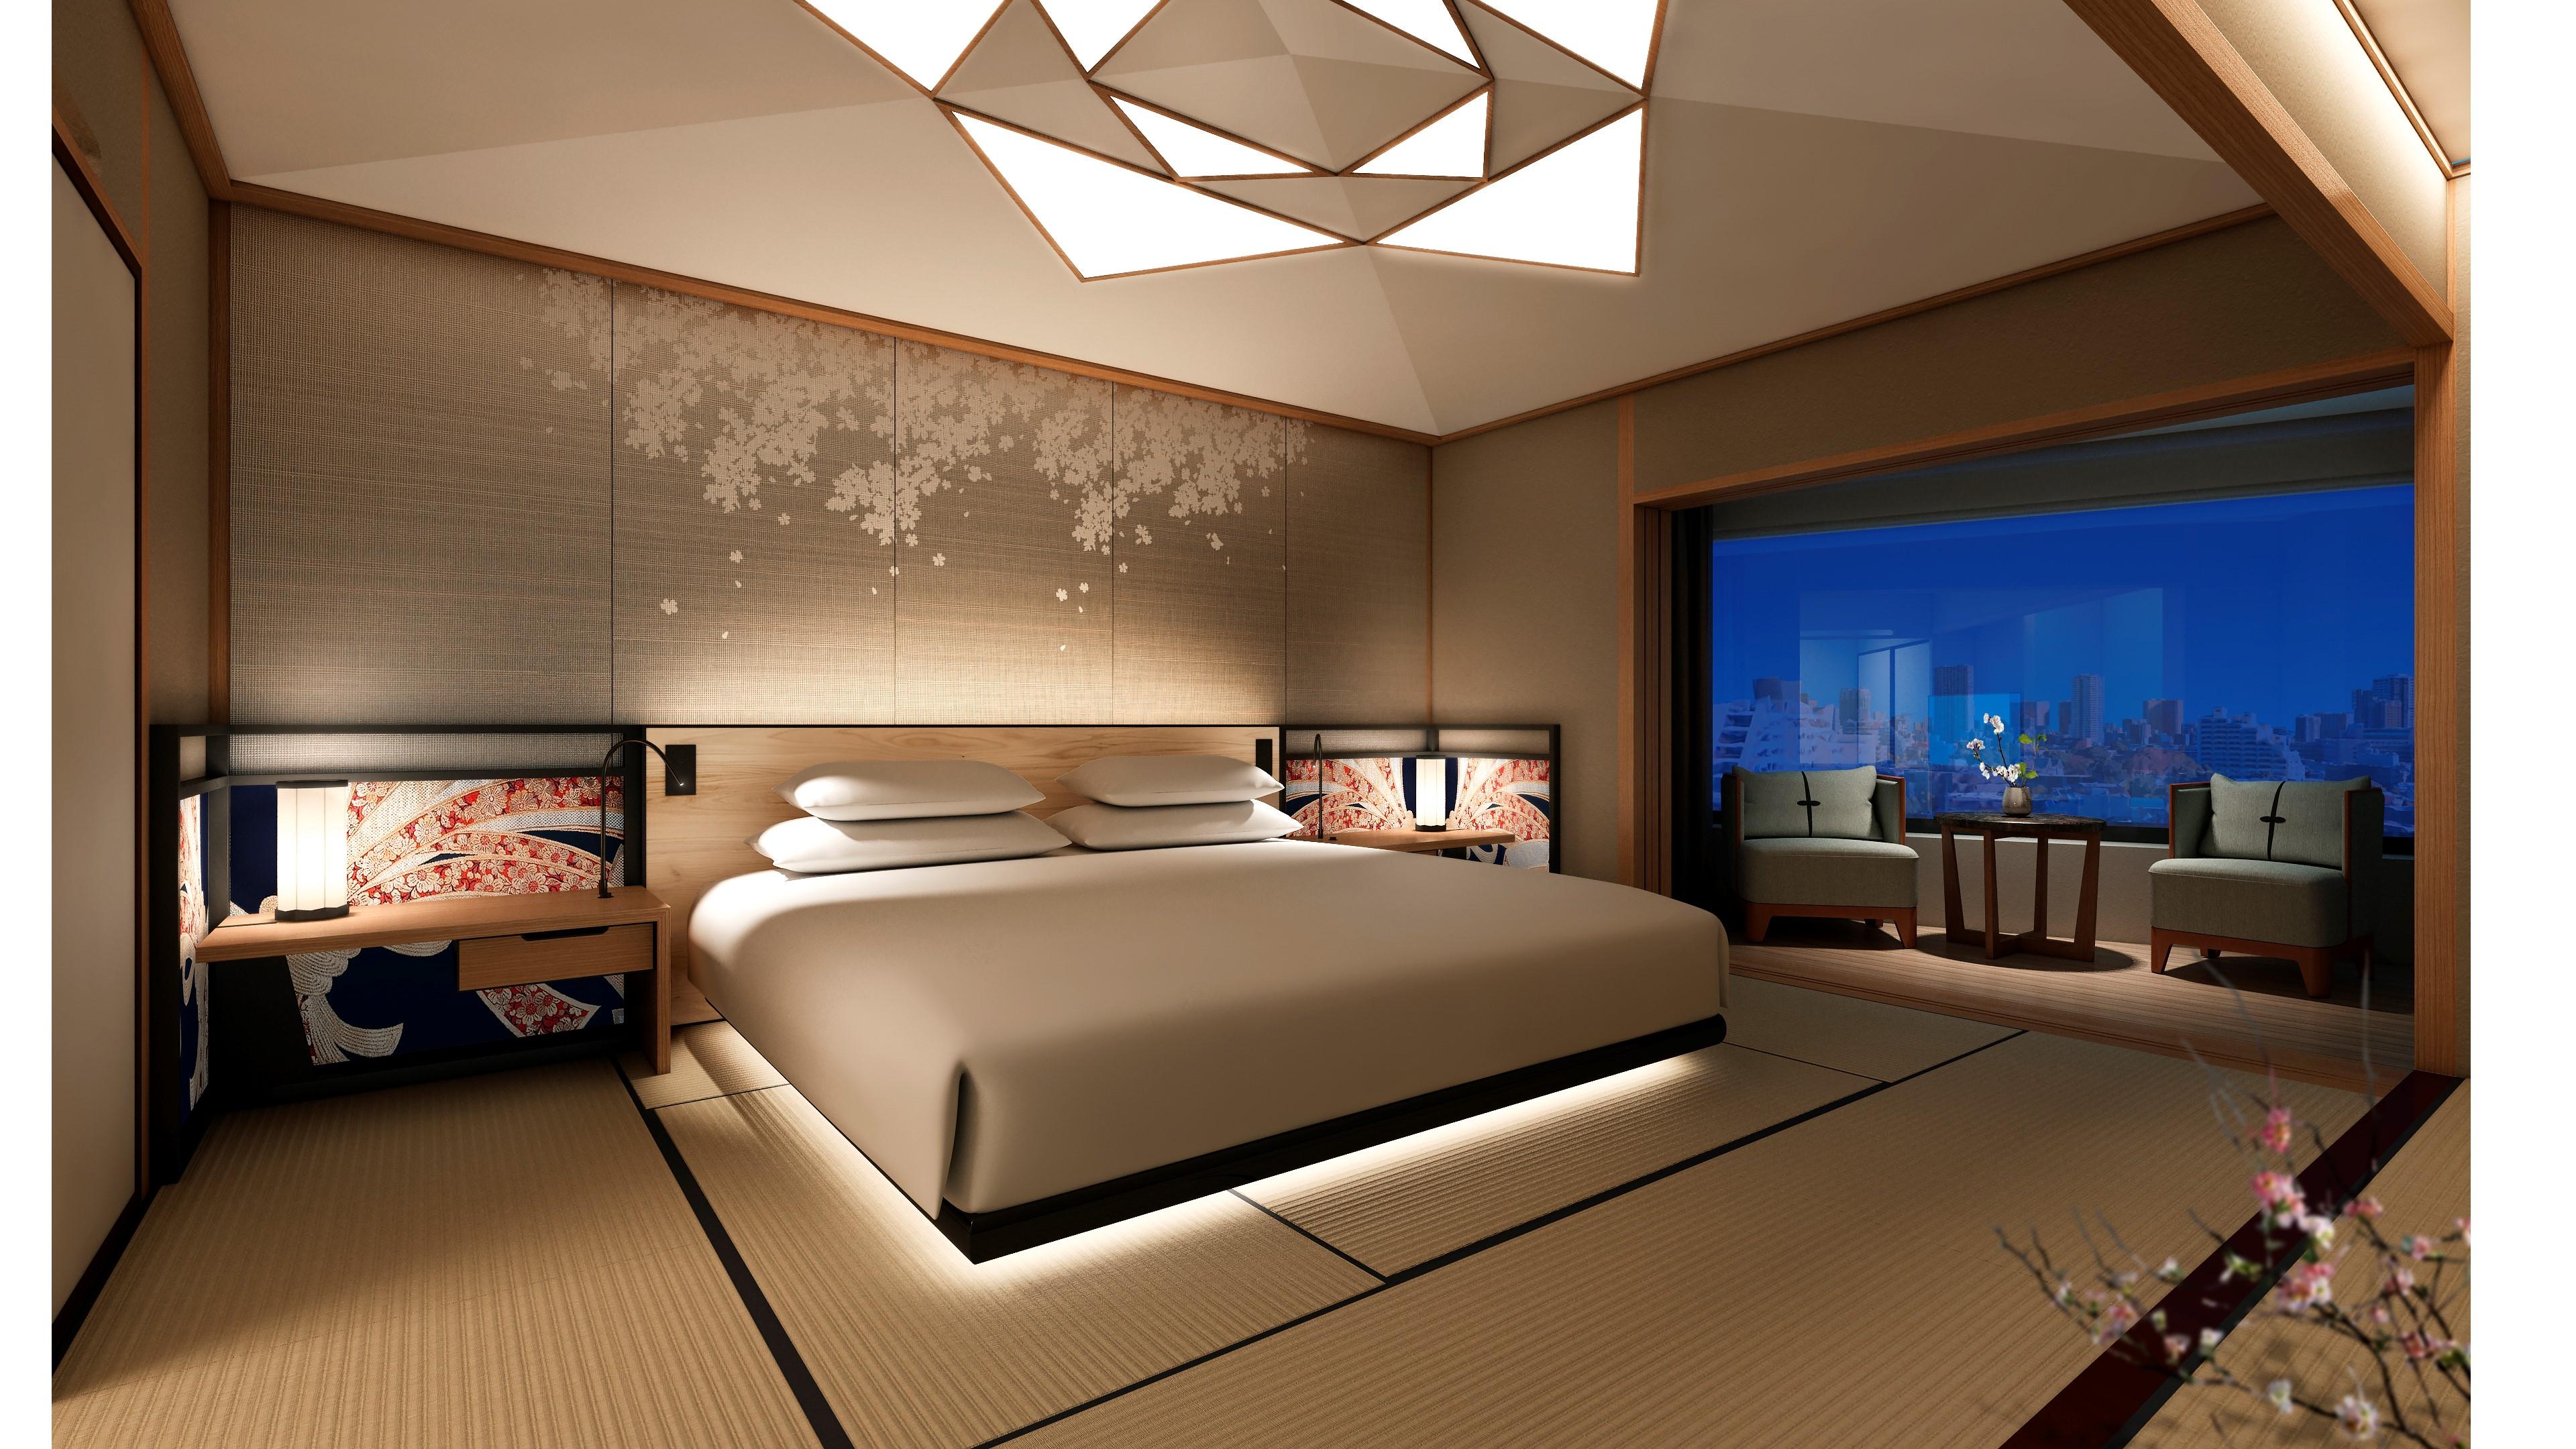 ホテル雅叙園東京 6階客室フロア 和室12部屋をリニューアル 2019年7月4日 リニューアルオープン